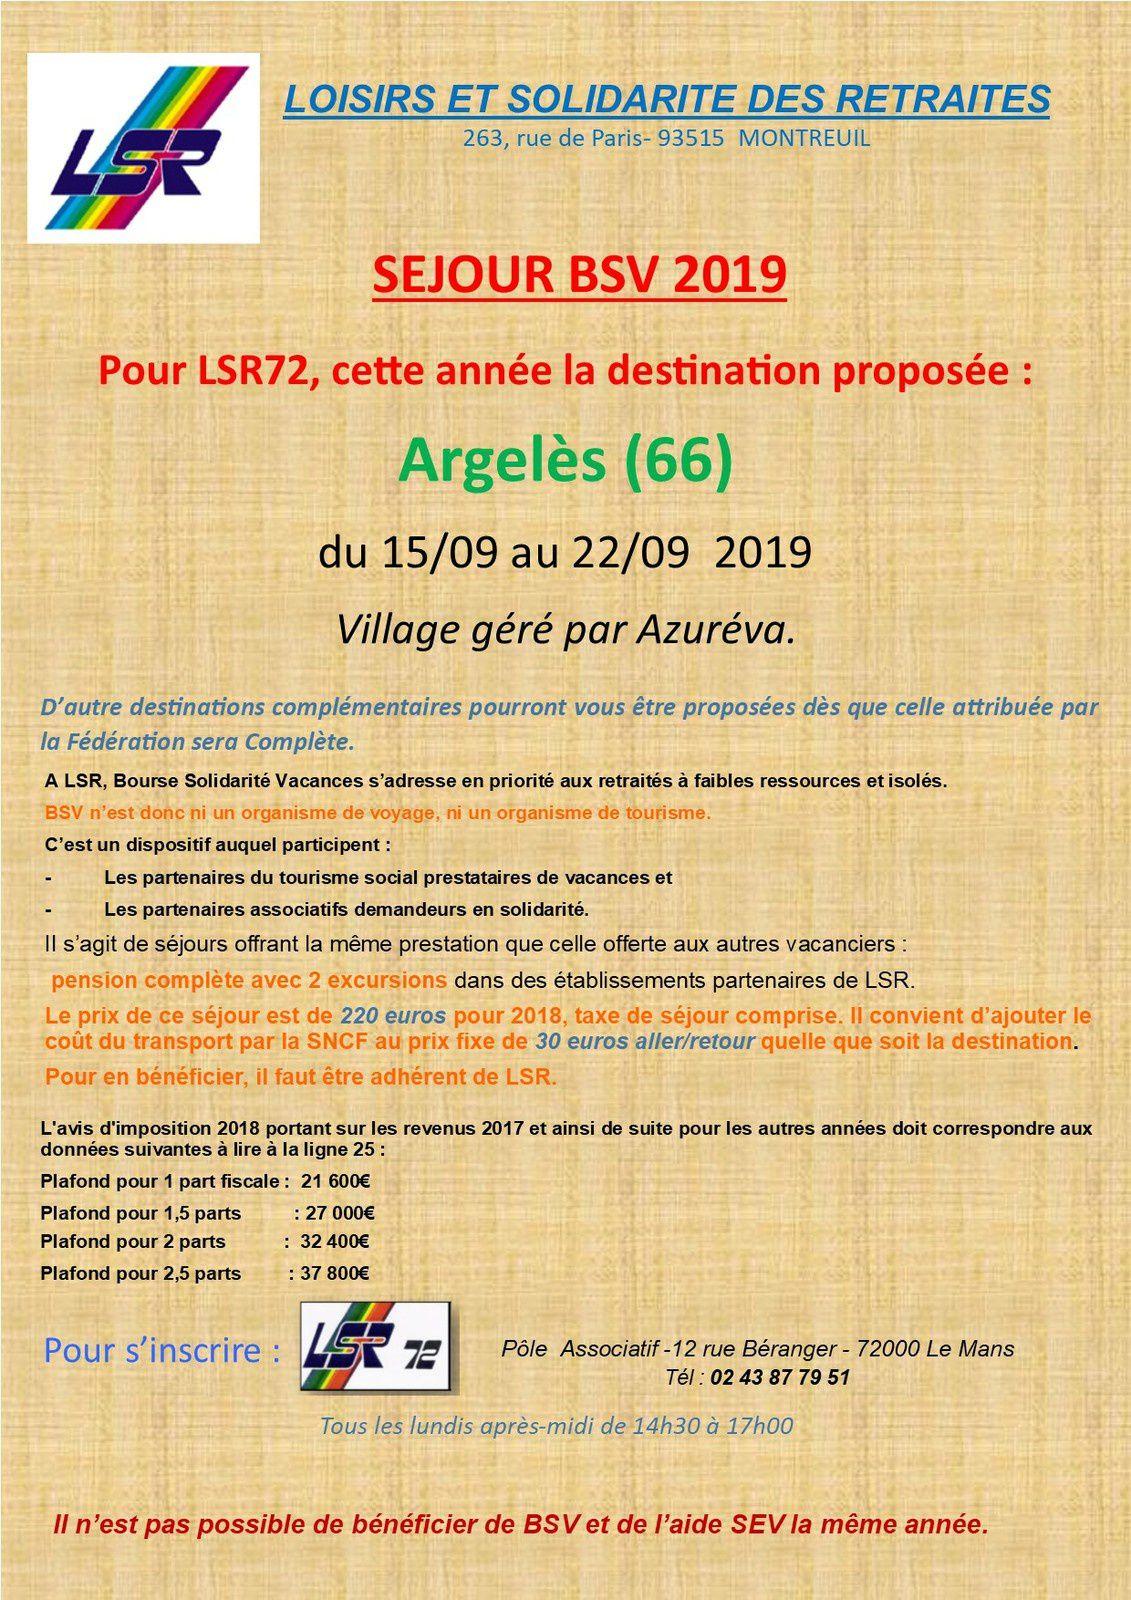 Séjours BSV  (Bourse Solidarité Voyages) 2019